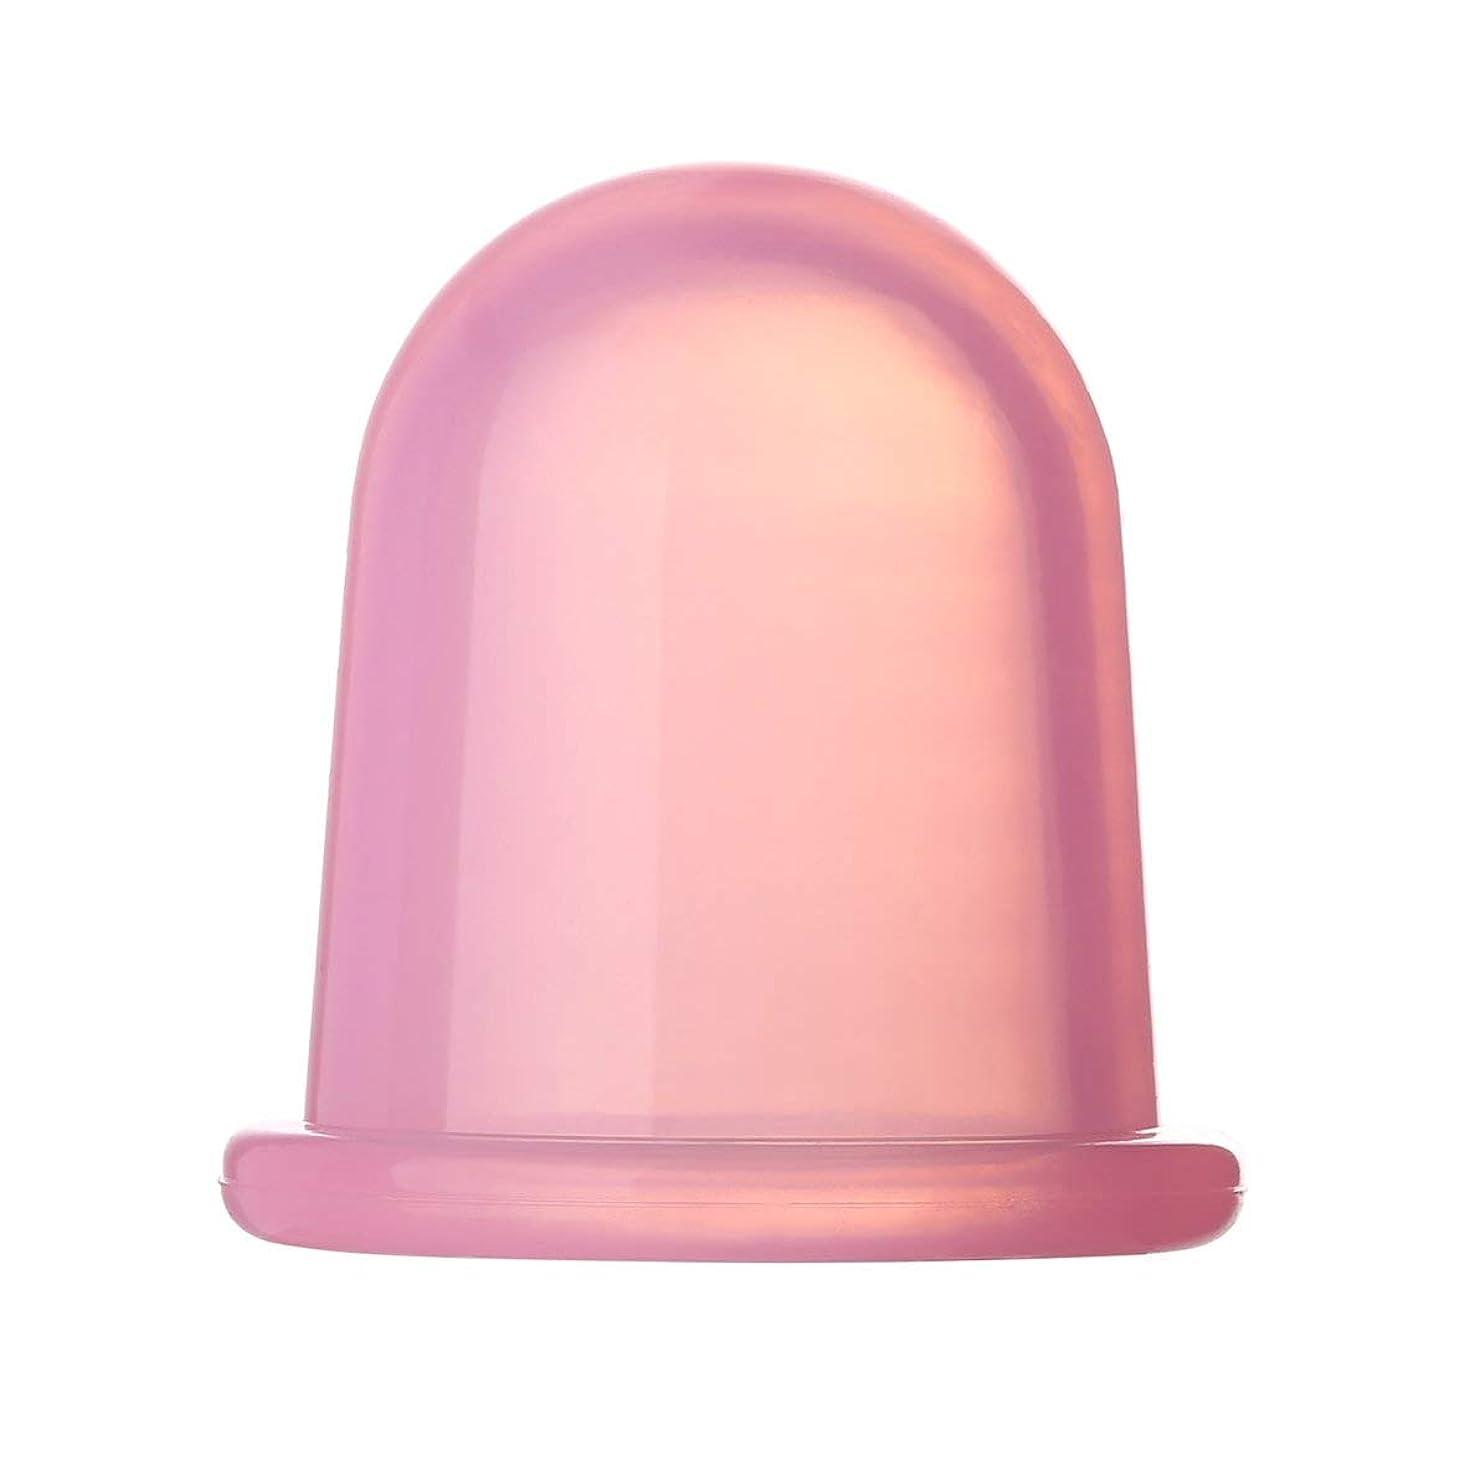 句読点興奮する放つ耐久性のあるヘルスケアフルボディ真空マッサージャーシリコンカップアンチセルライトは、家族のための物理的疲労ストレスを和らげます - ピンク